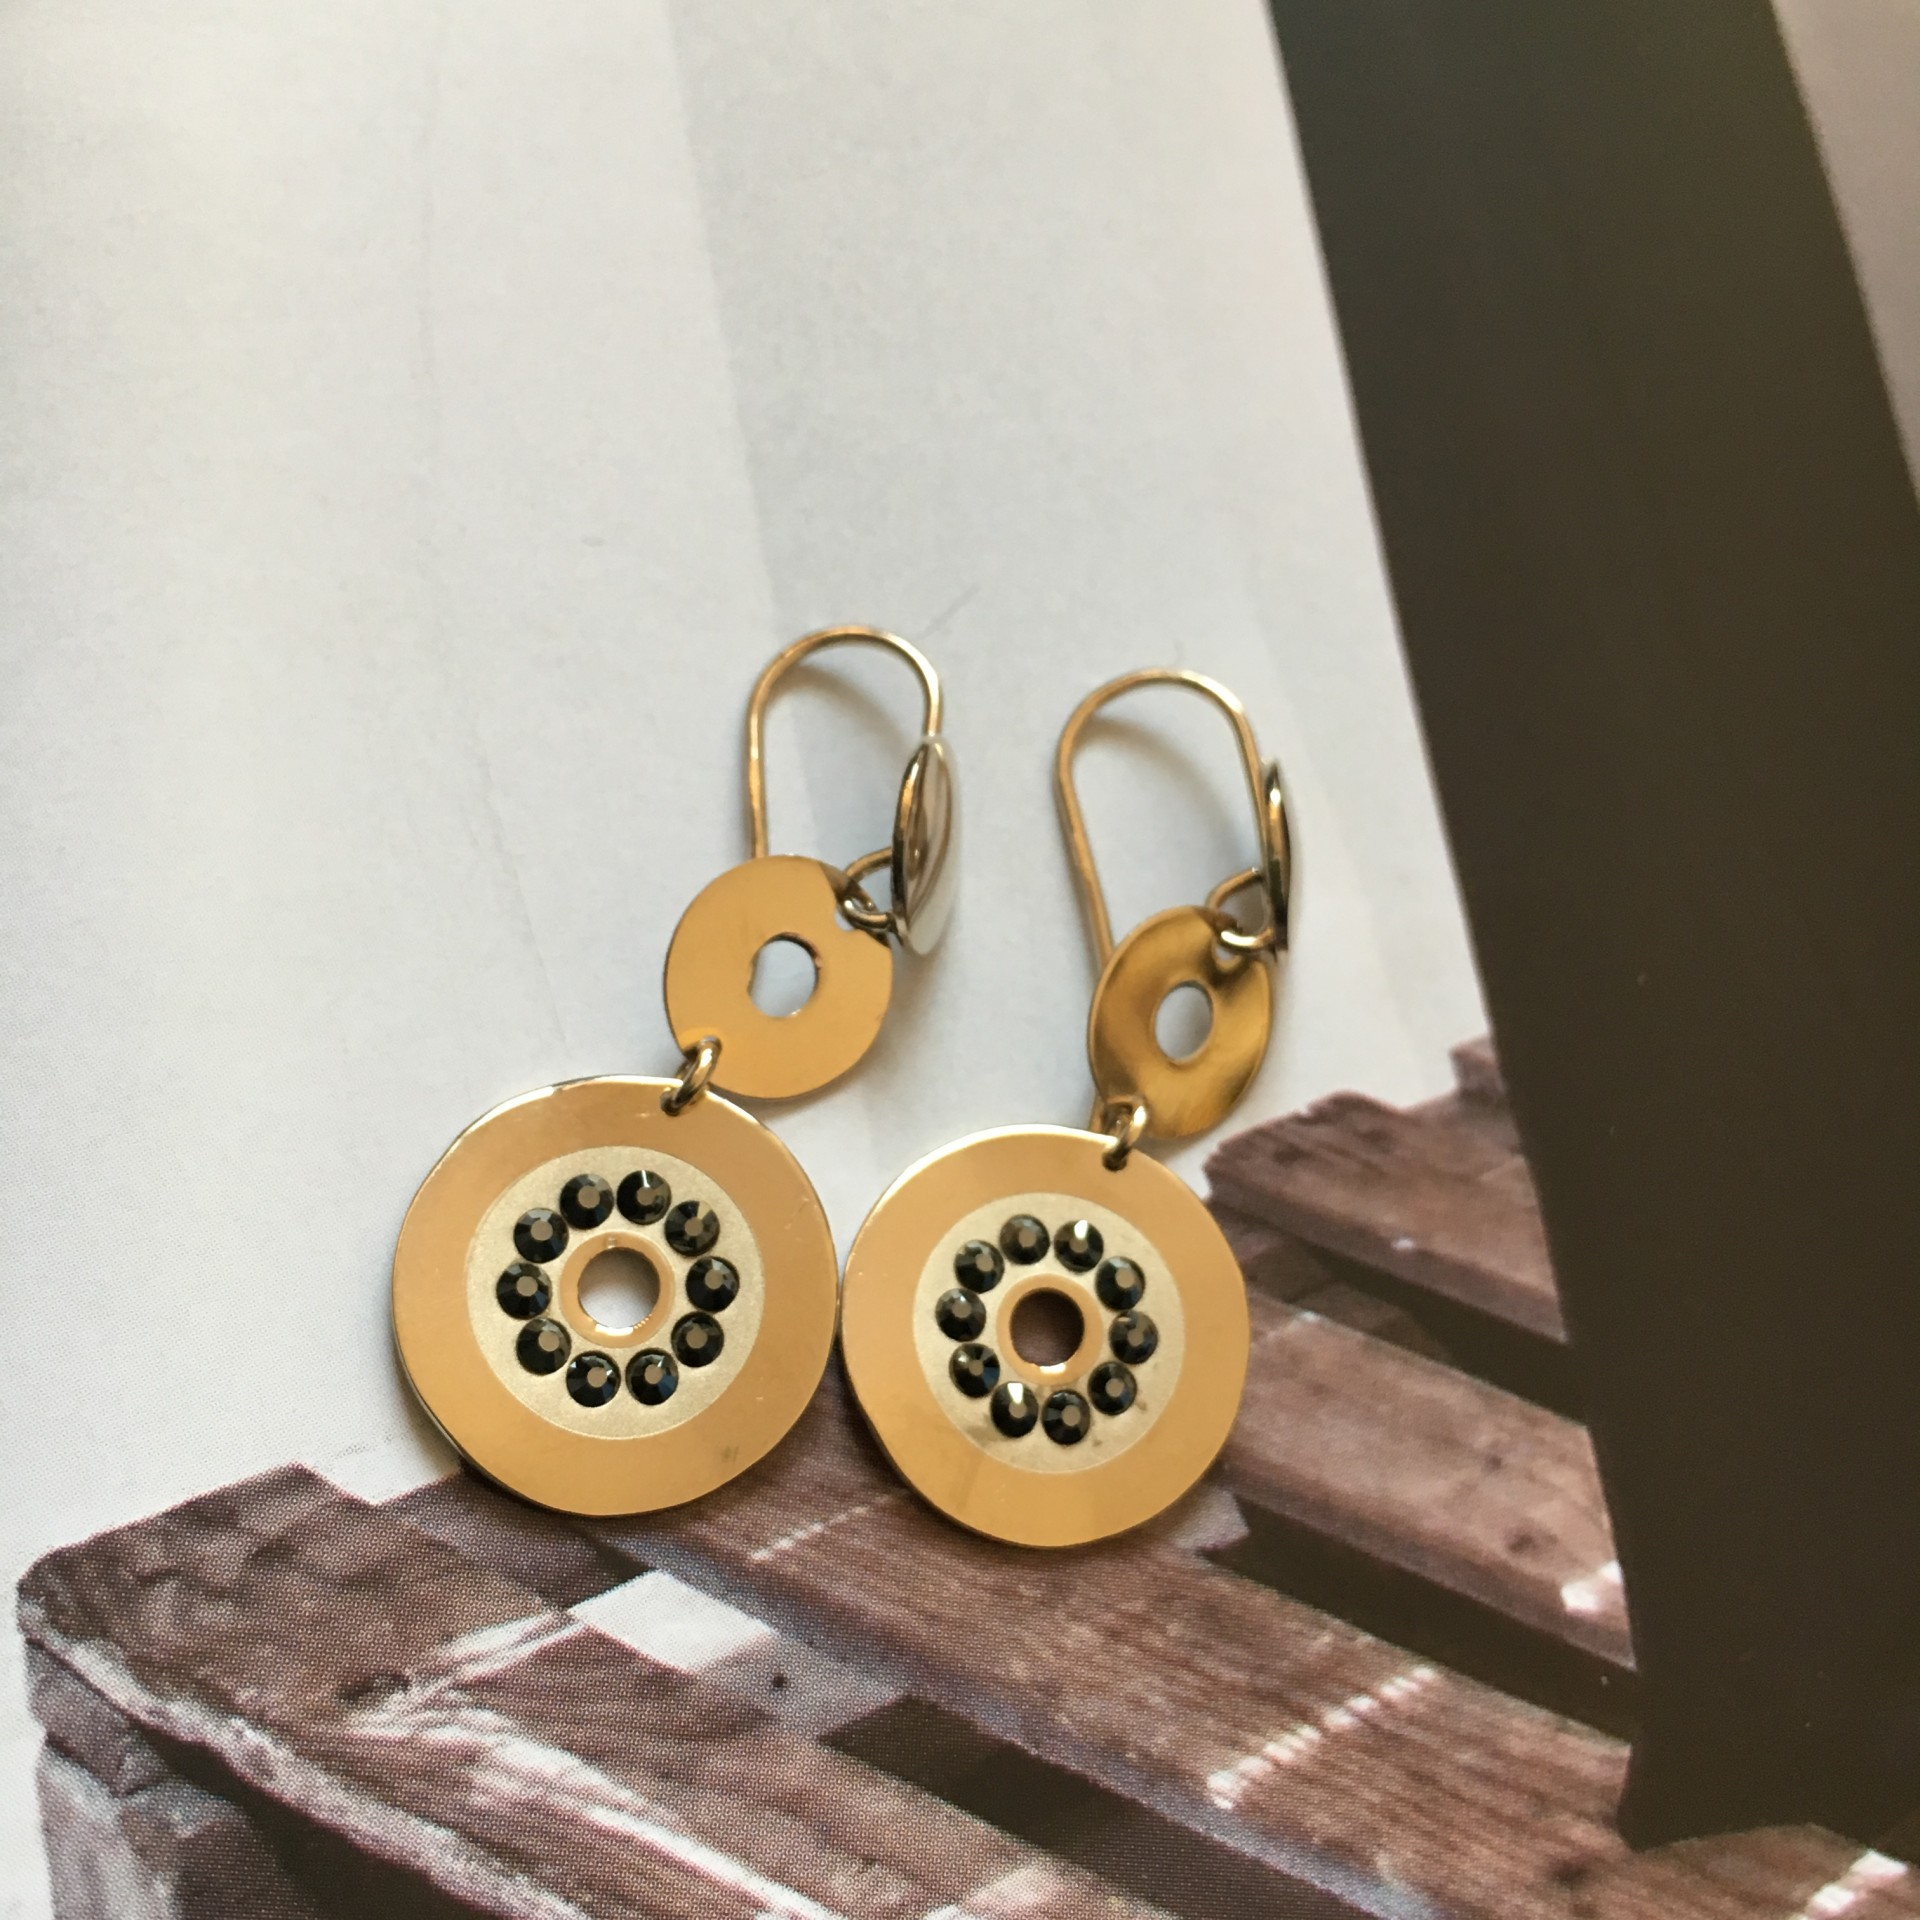 The Charm mini III silver earrings